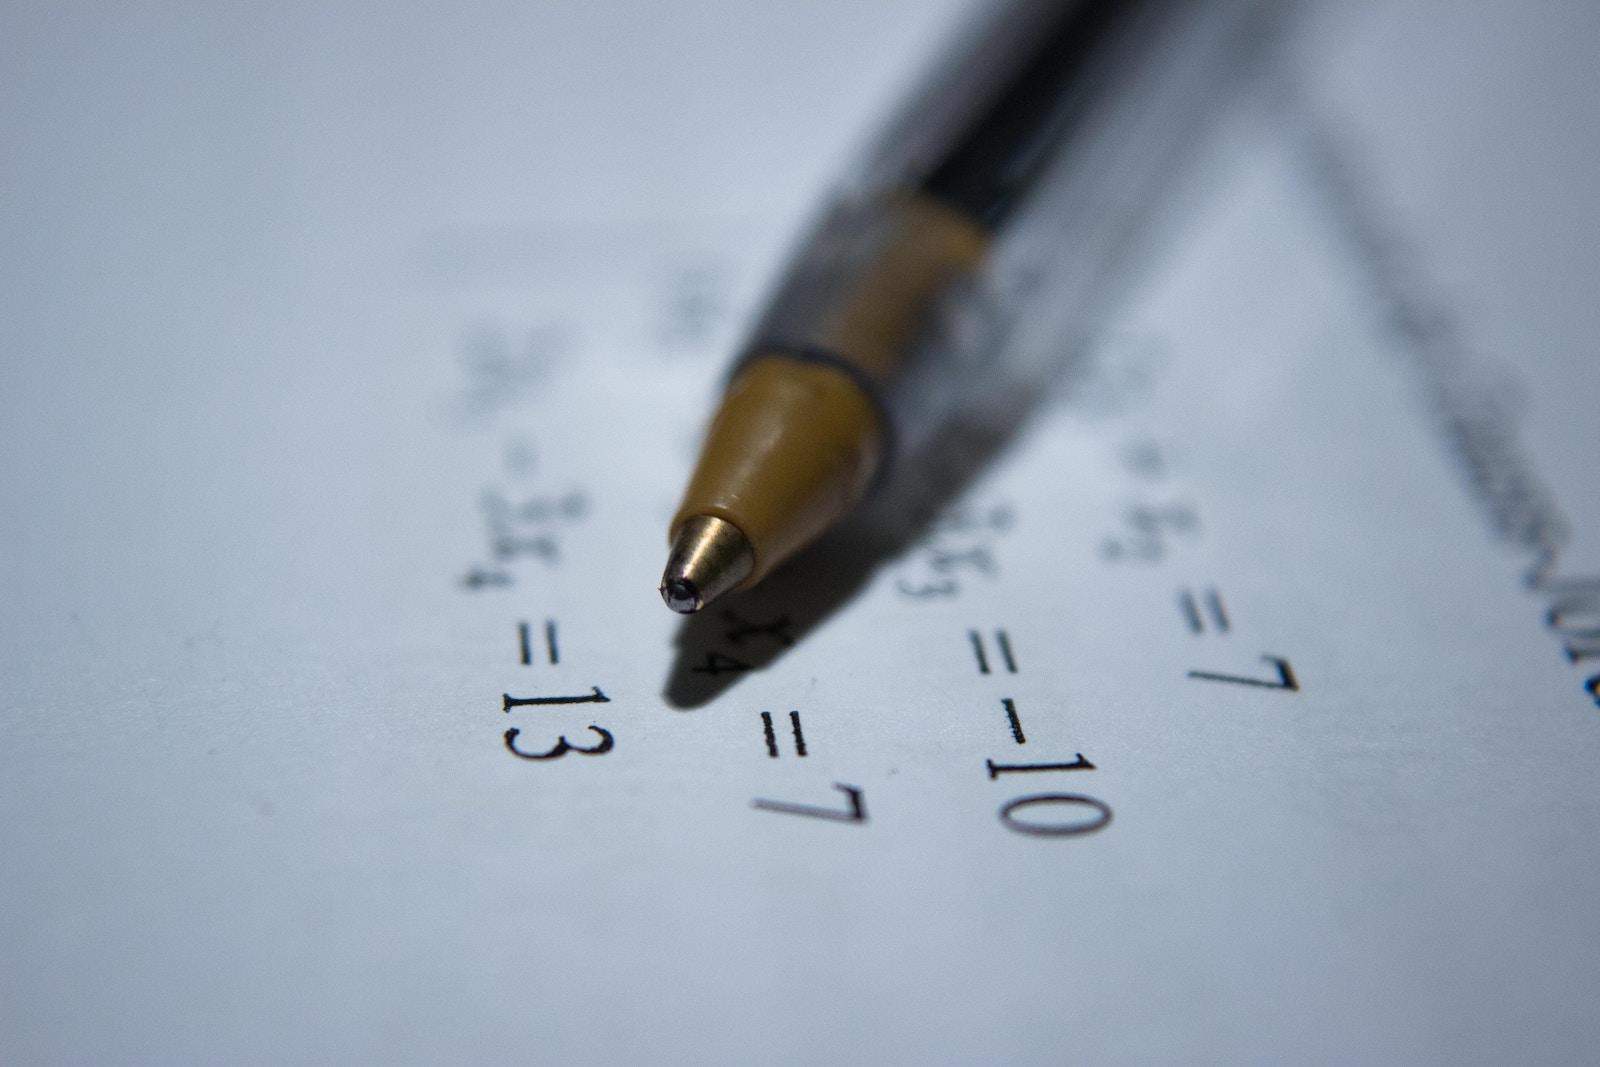 ballpoint pen and math homework